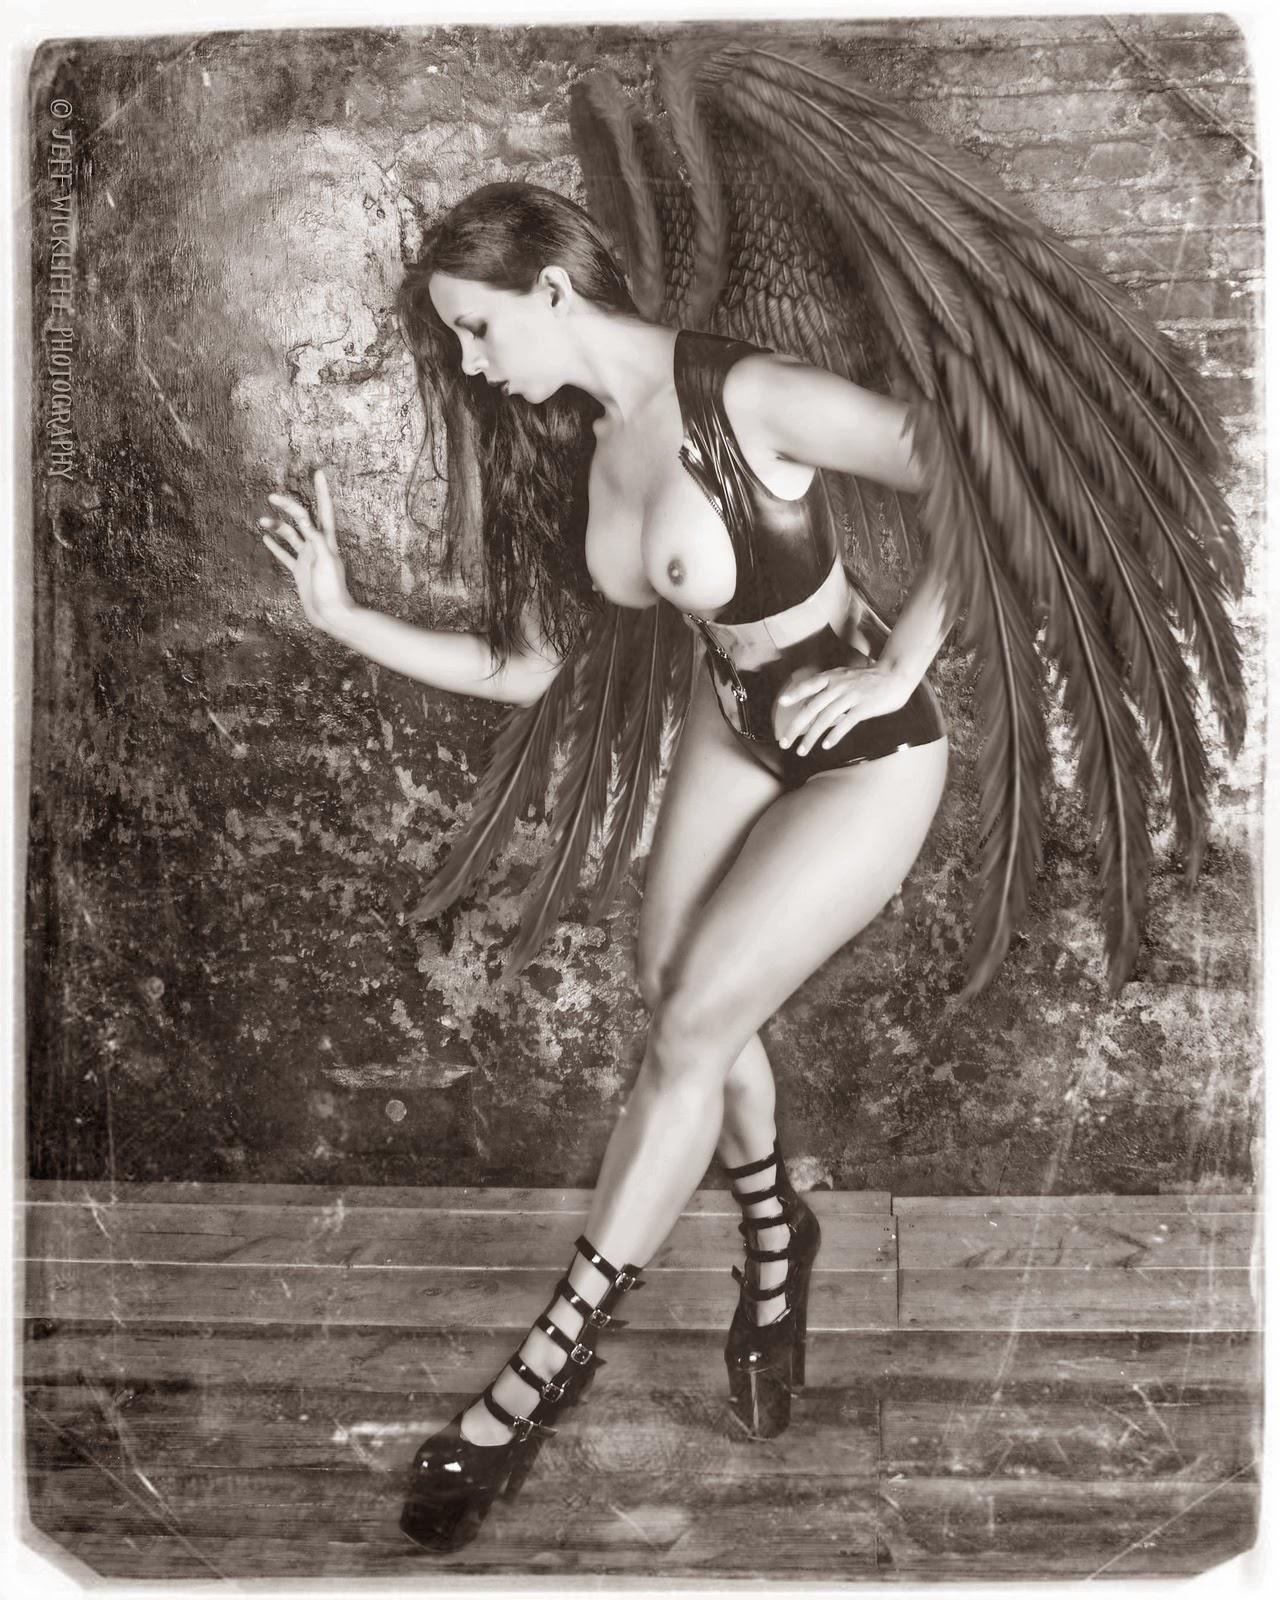 photo de cosplay féminin sexy d'un ange noir seins nus avec des ailes noires et en talons